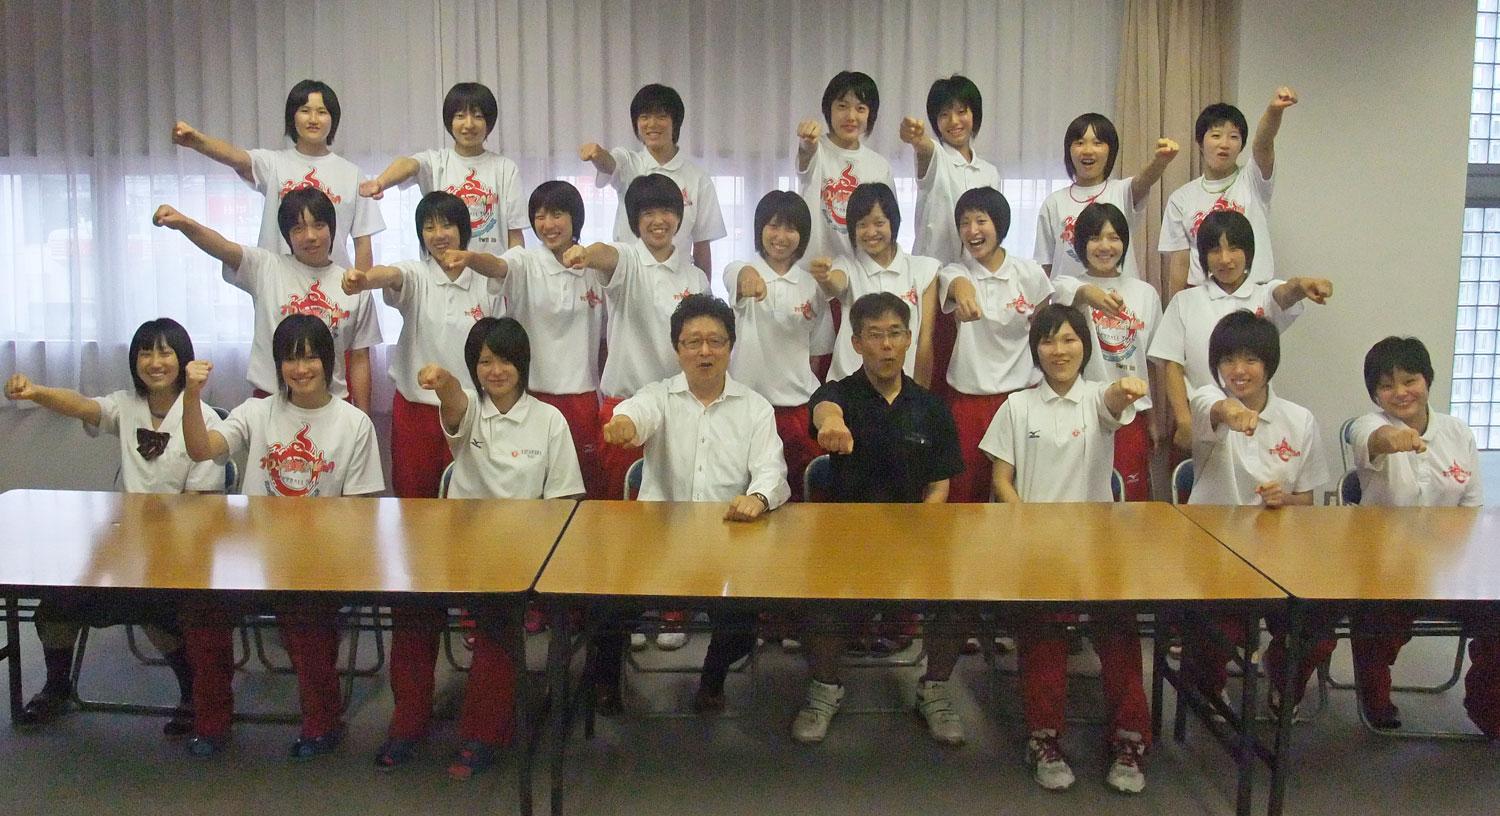 201109_豊川高校女子バレーボール部